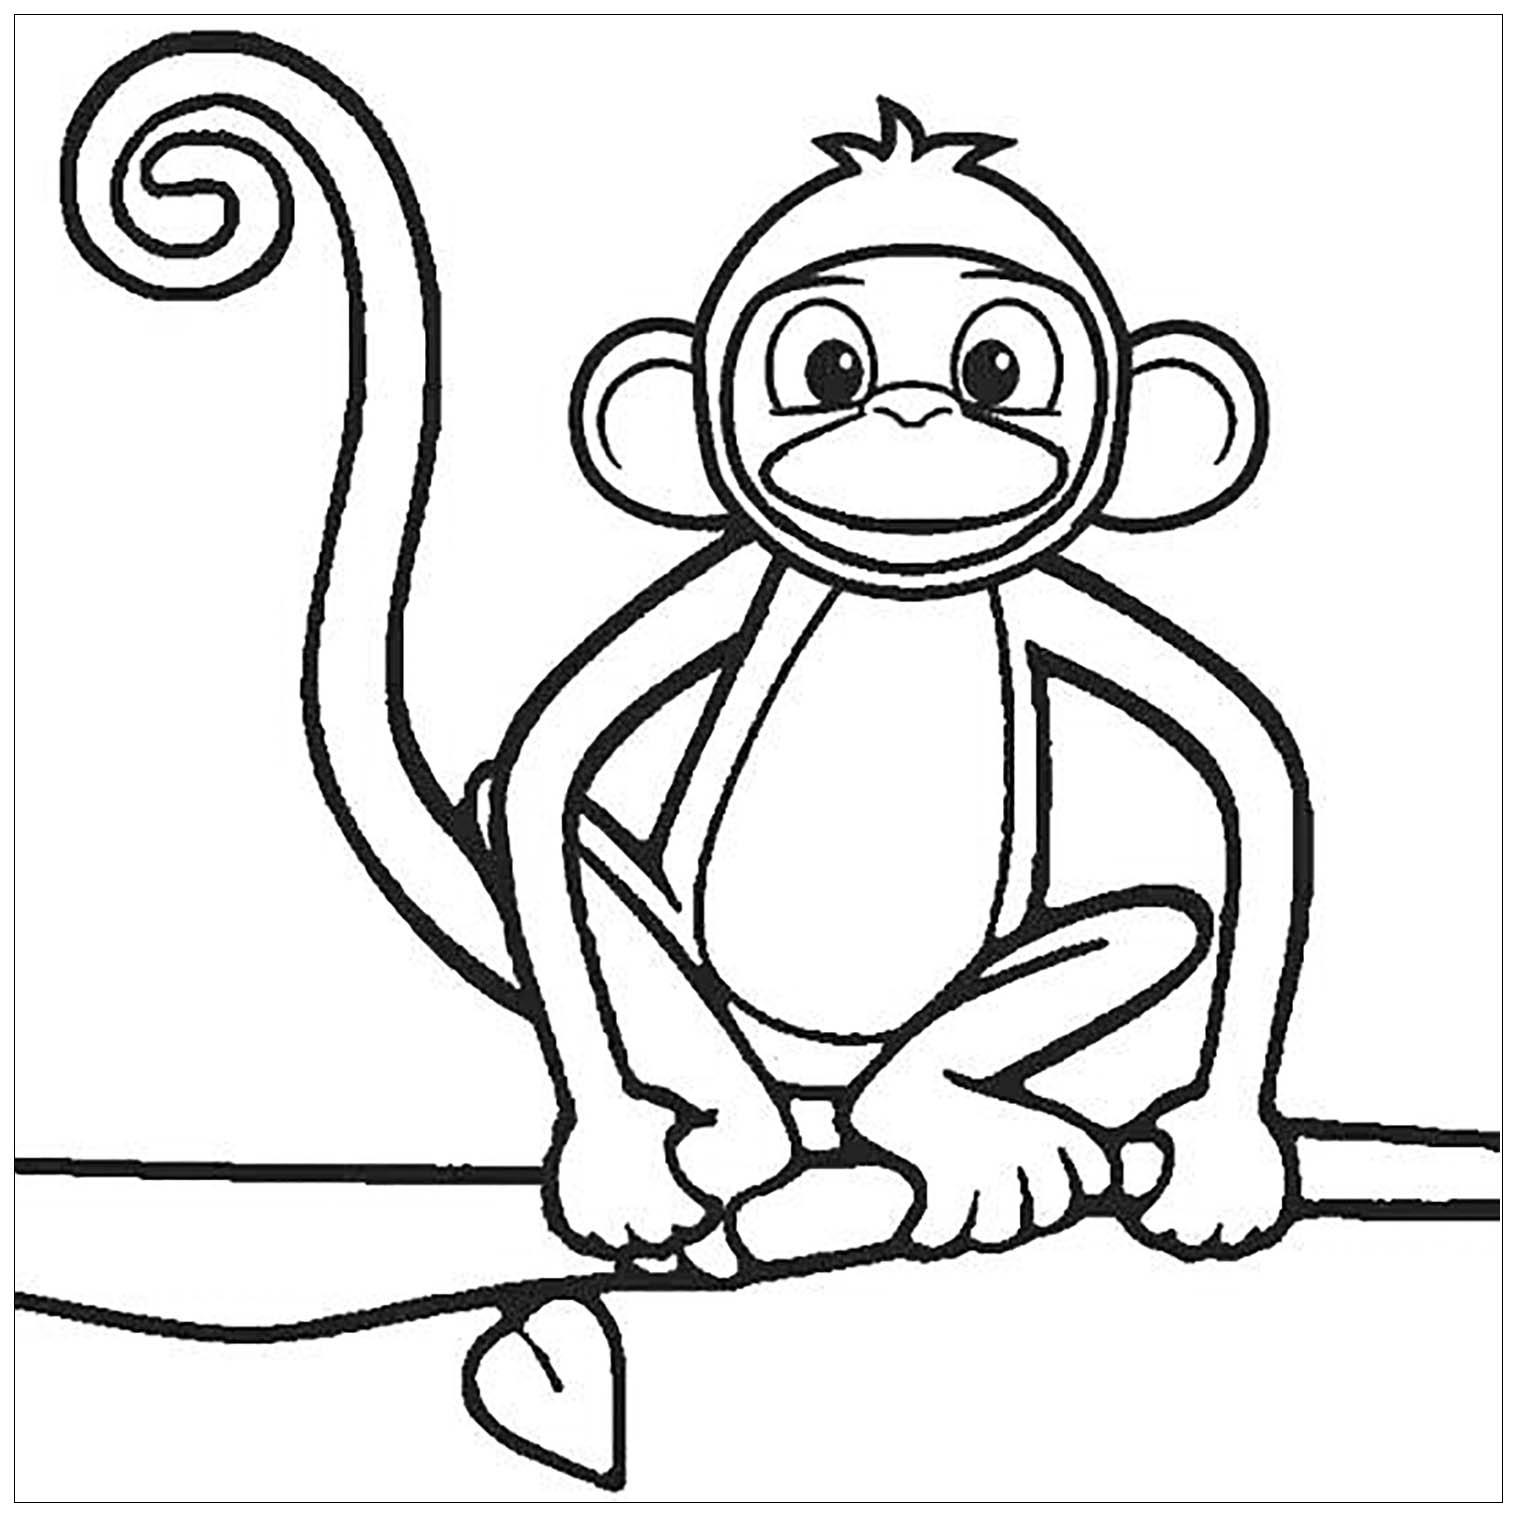 Tranh tô màu con khỉ ngồi trên cành